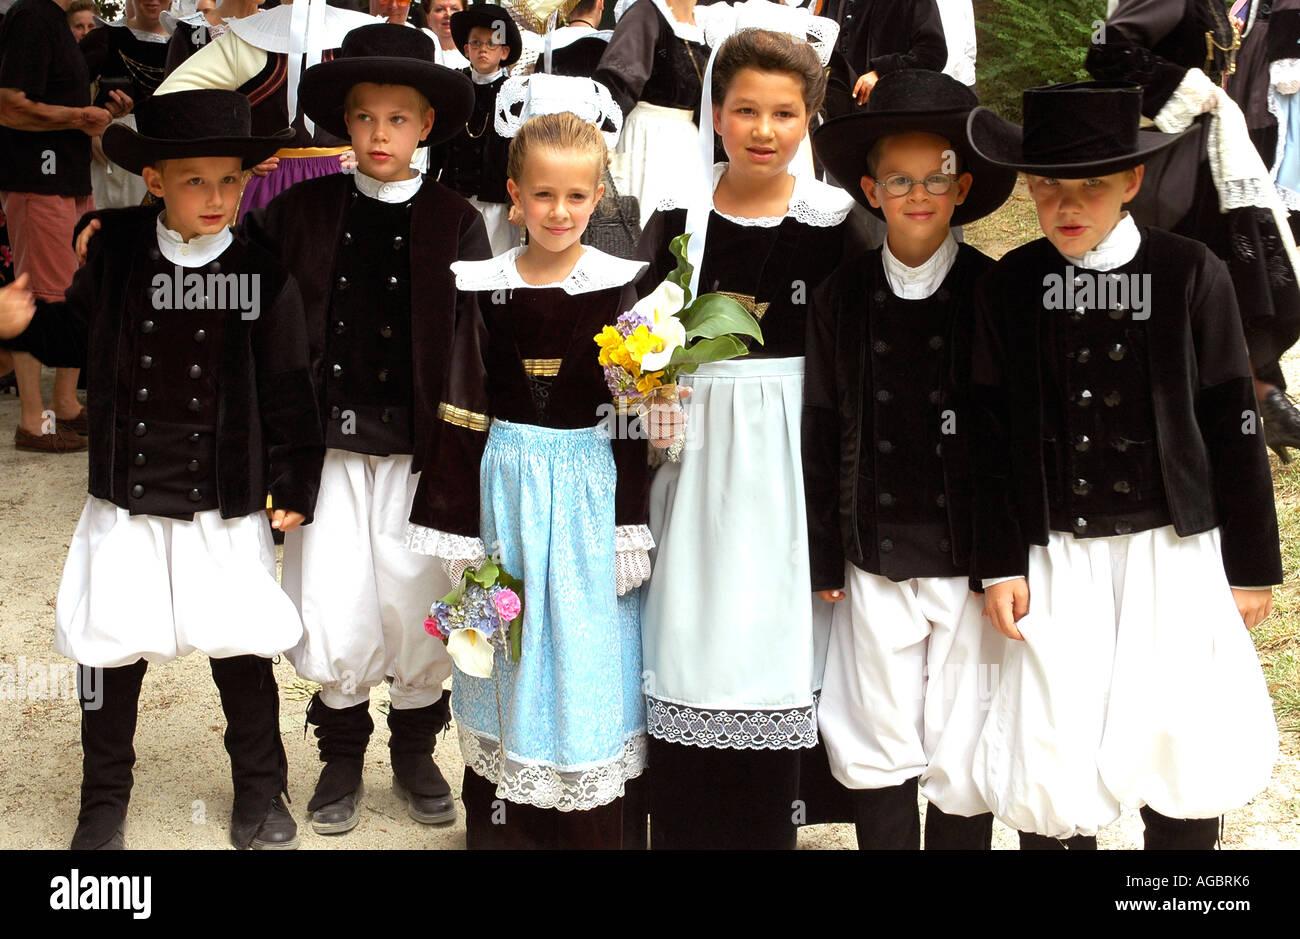 Los niños vestían trajes tradicional bretona en verano un festival de folklore en el pueblo bretón de la Forêt-Fouesnant Imagen De Stock